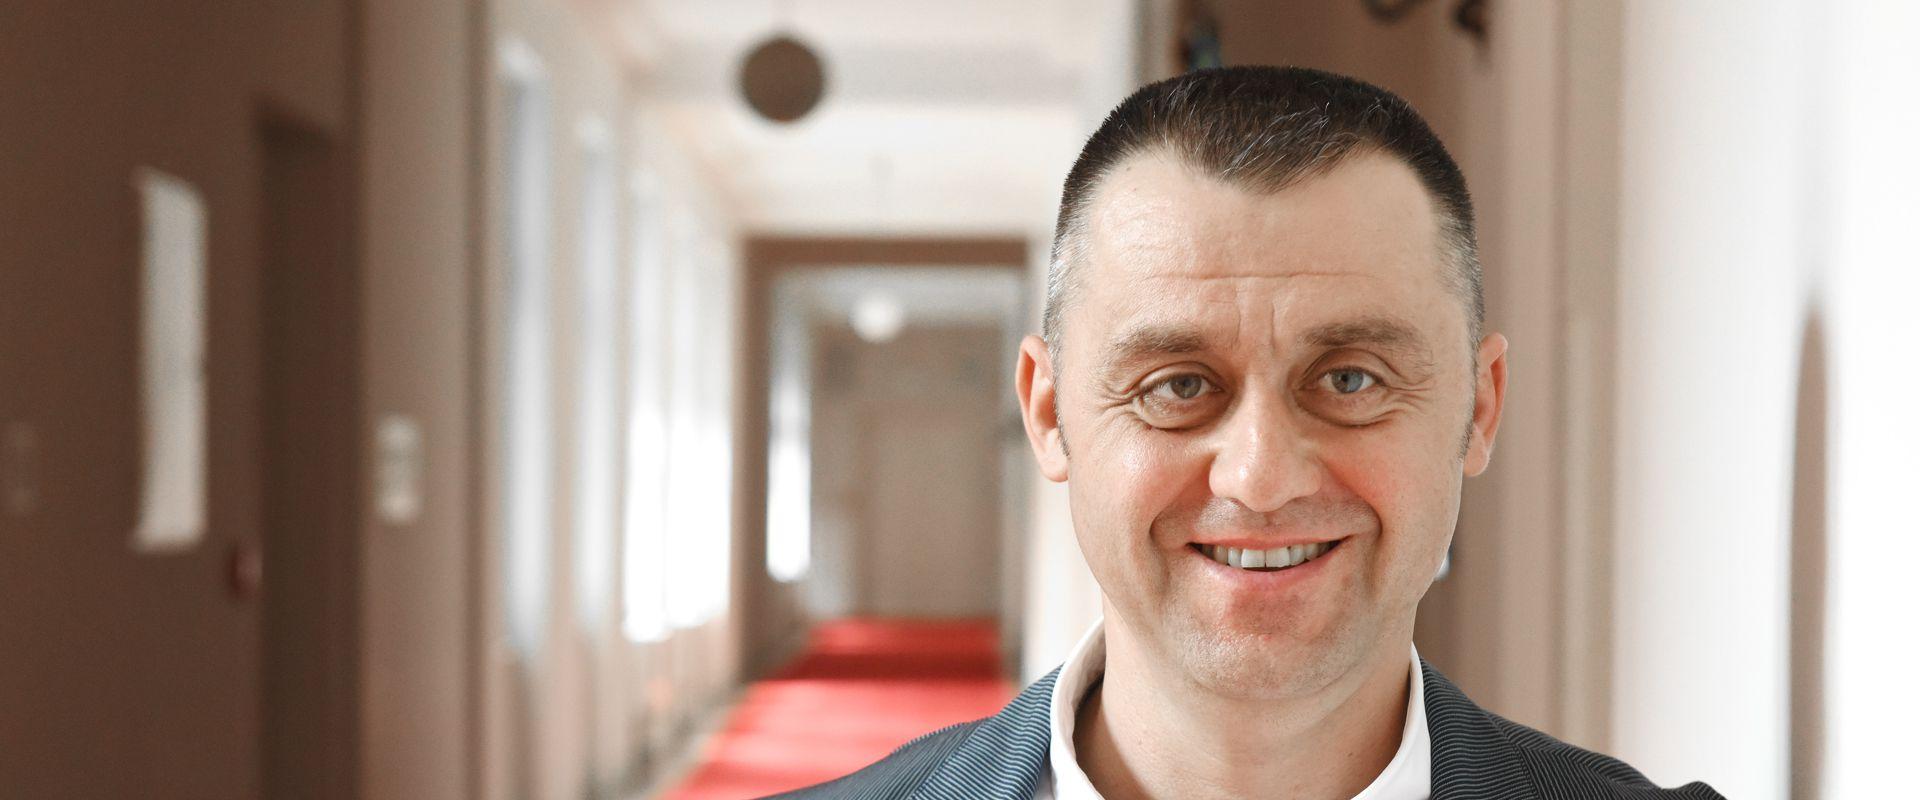 GLAVNI TAJNIK I ŠEF KAMPANJE SDP-a IGOR DRAGOVAN: 'Ostvarili smo rast i HDZ ne može ništa protiv te činjenice'